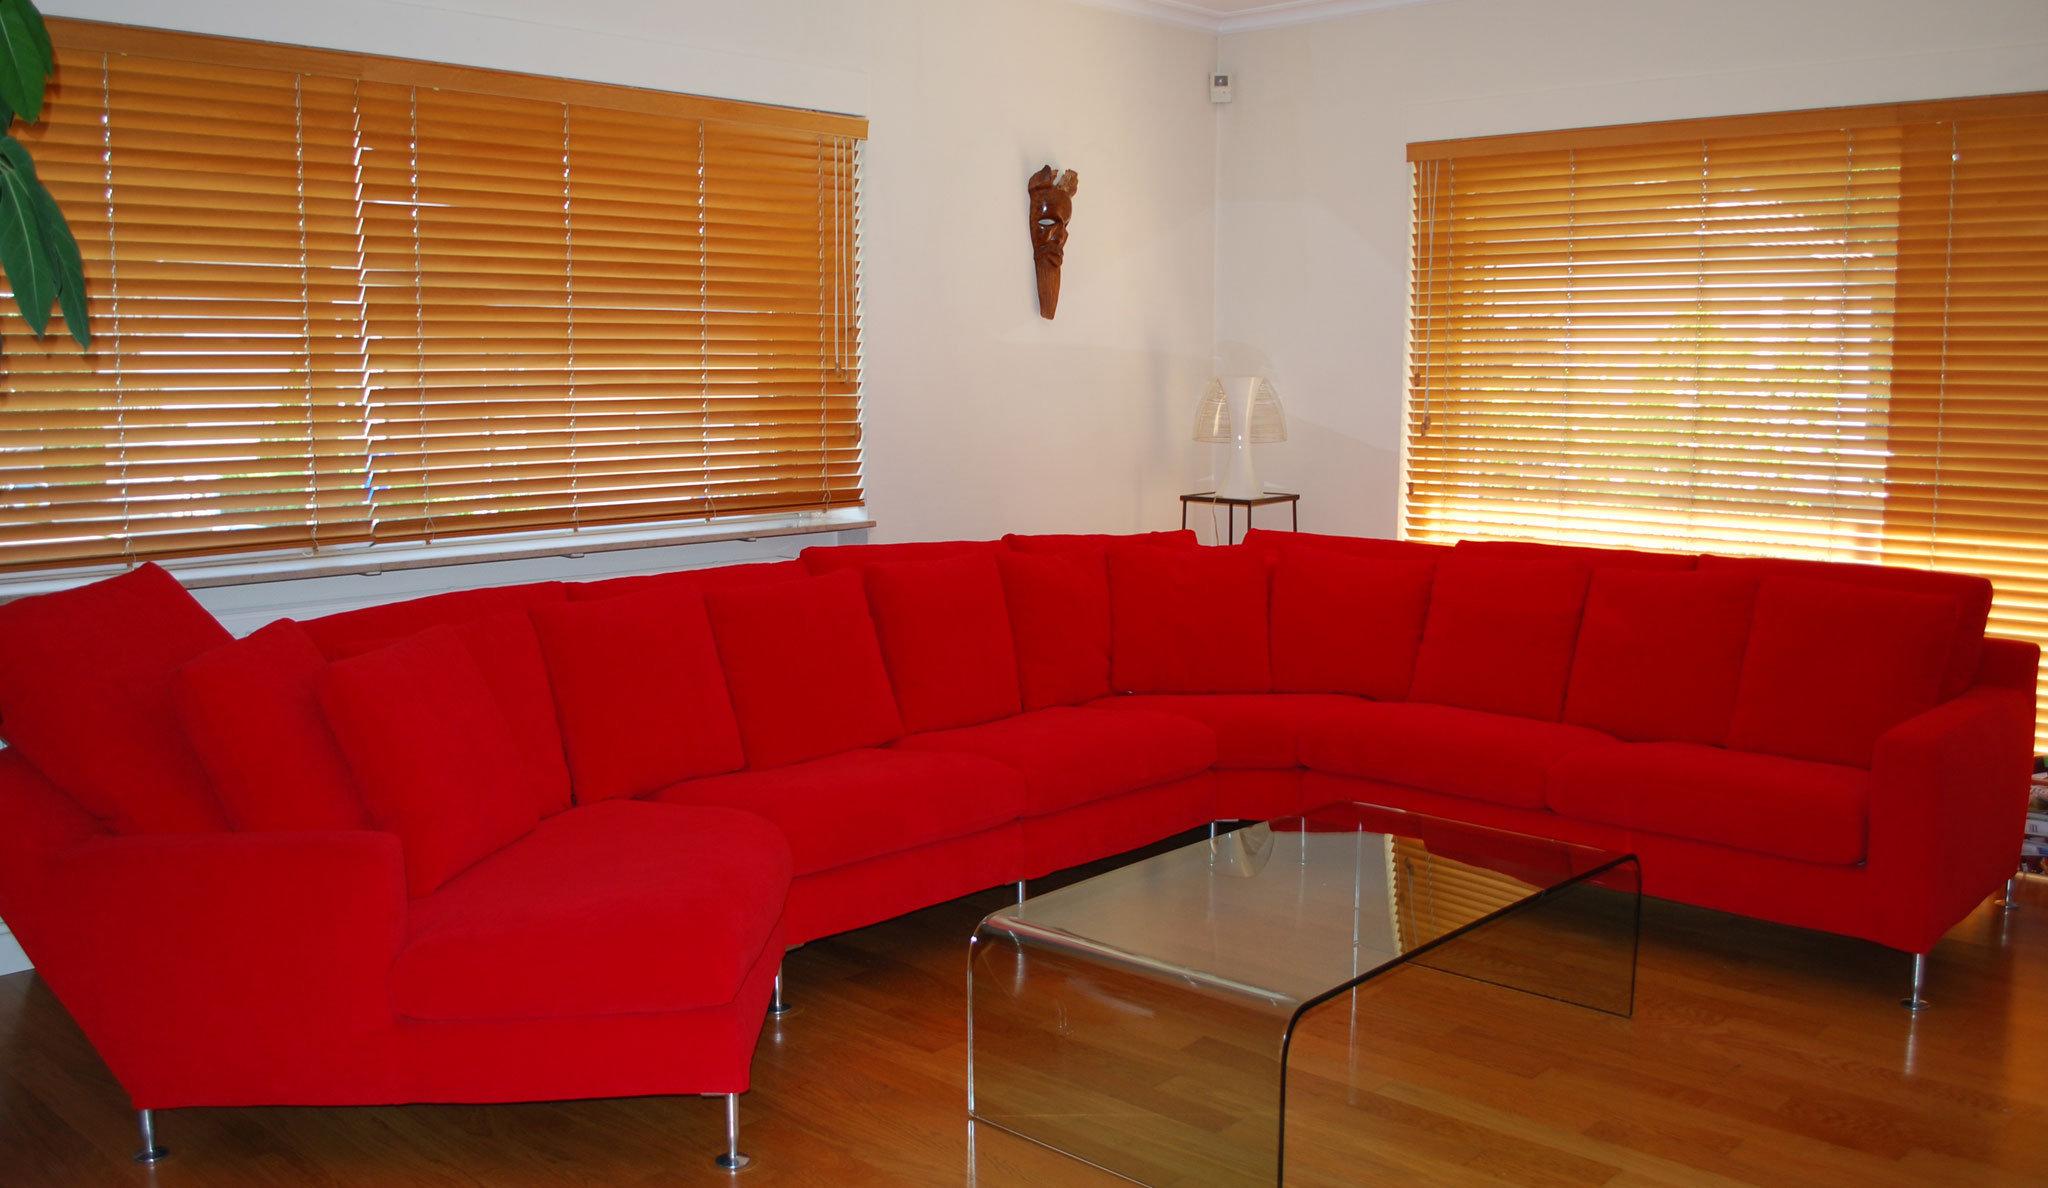 aux r ves d 39 int rieur aix en provence tapissier en meubles et si ges upholstery. Black Bedroom Furniture Sets. Home Design Ideas